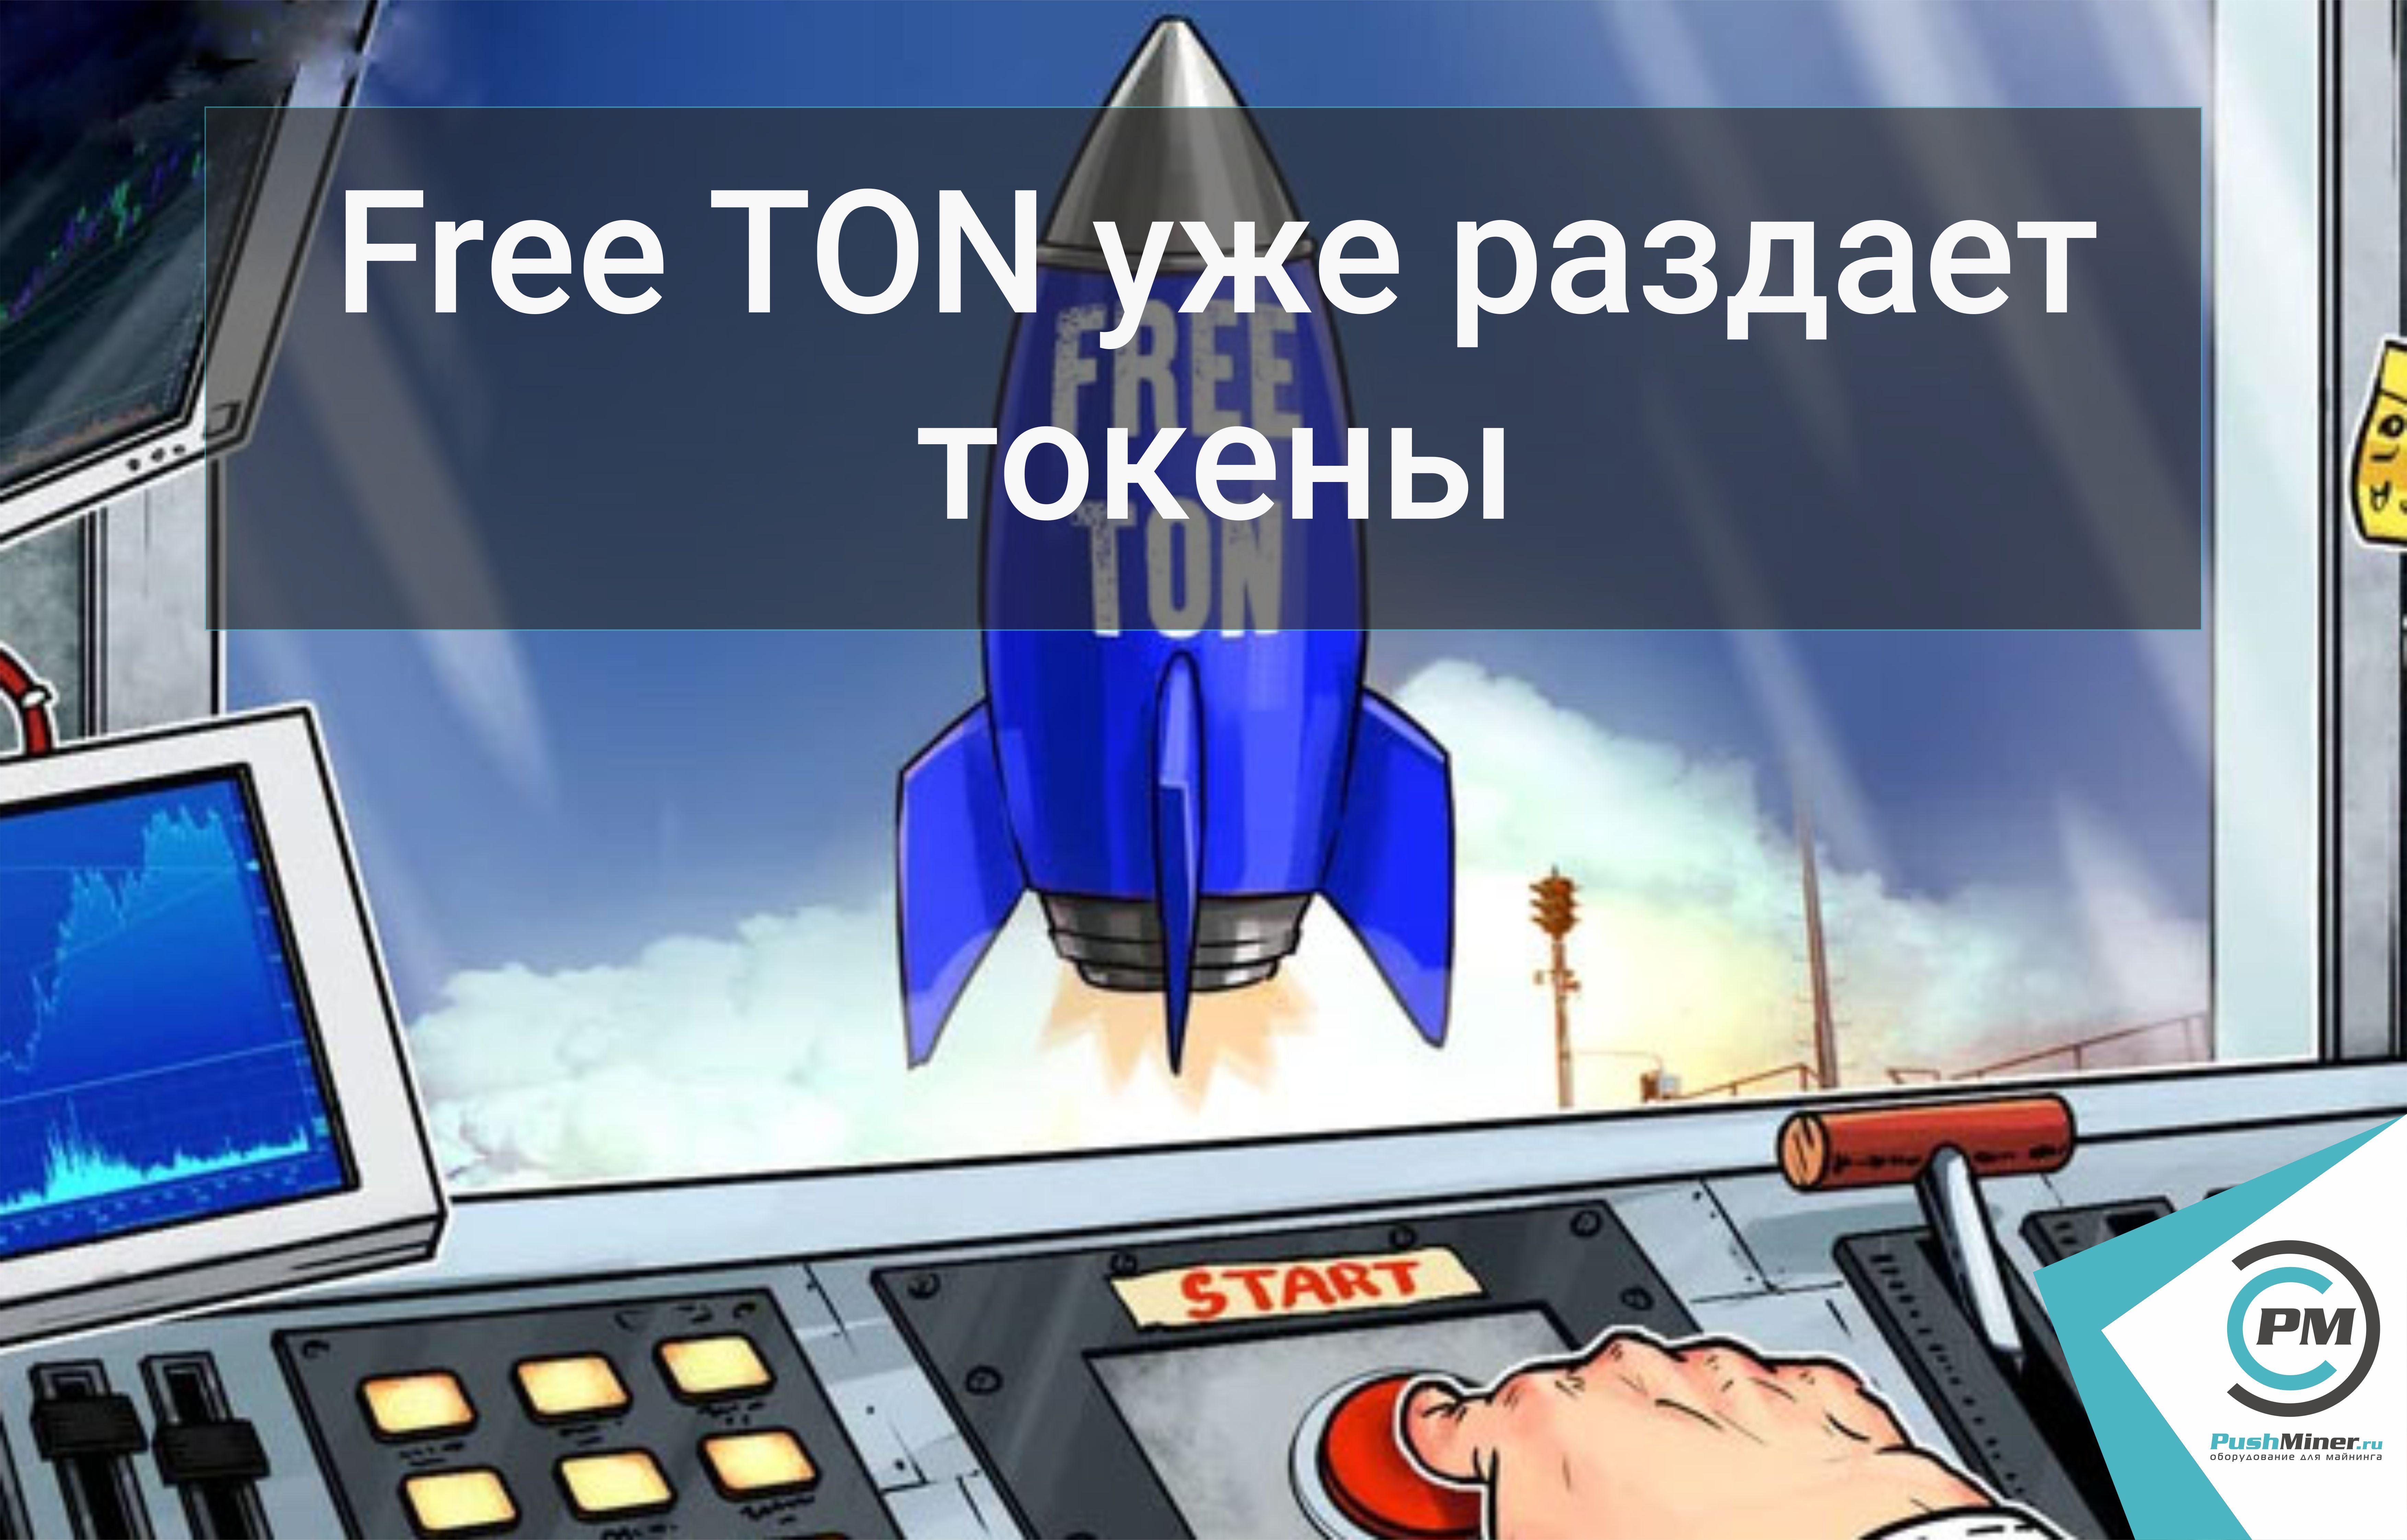 Free TON уже раздает токены